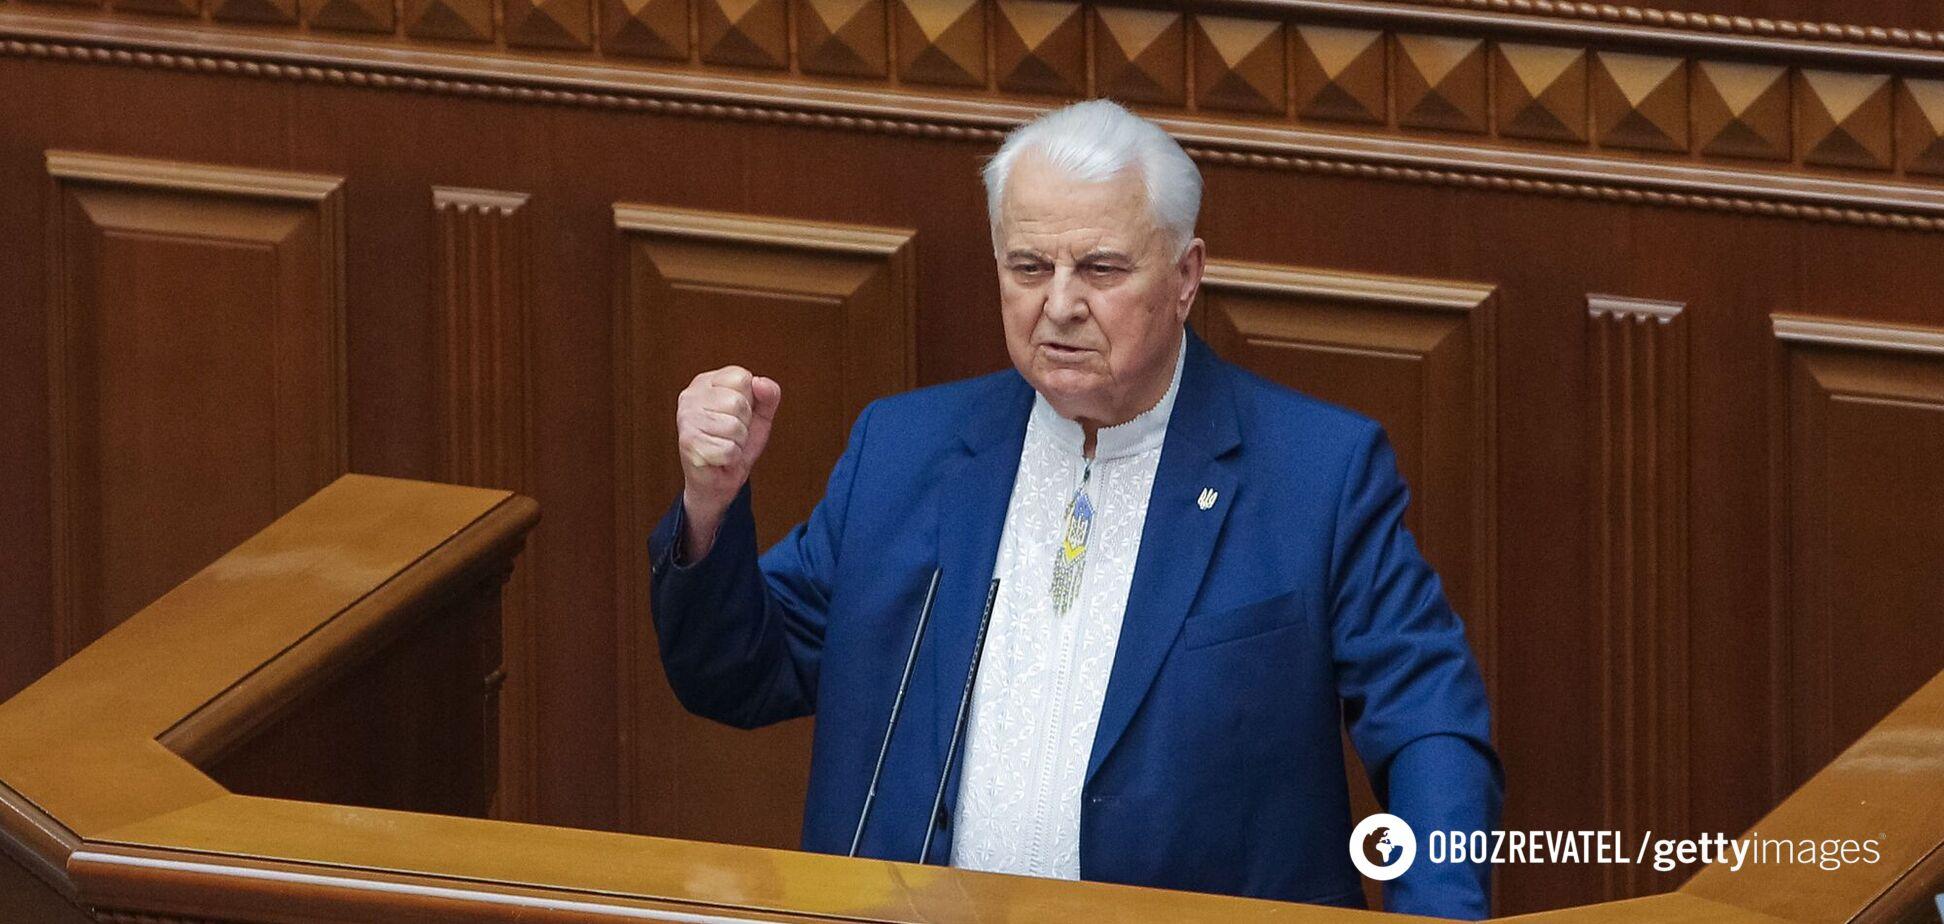 Кравчук: до Мінська неможливо потрапити, буде знайдено нове місце для переговорів щодо Донбасу